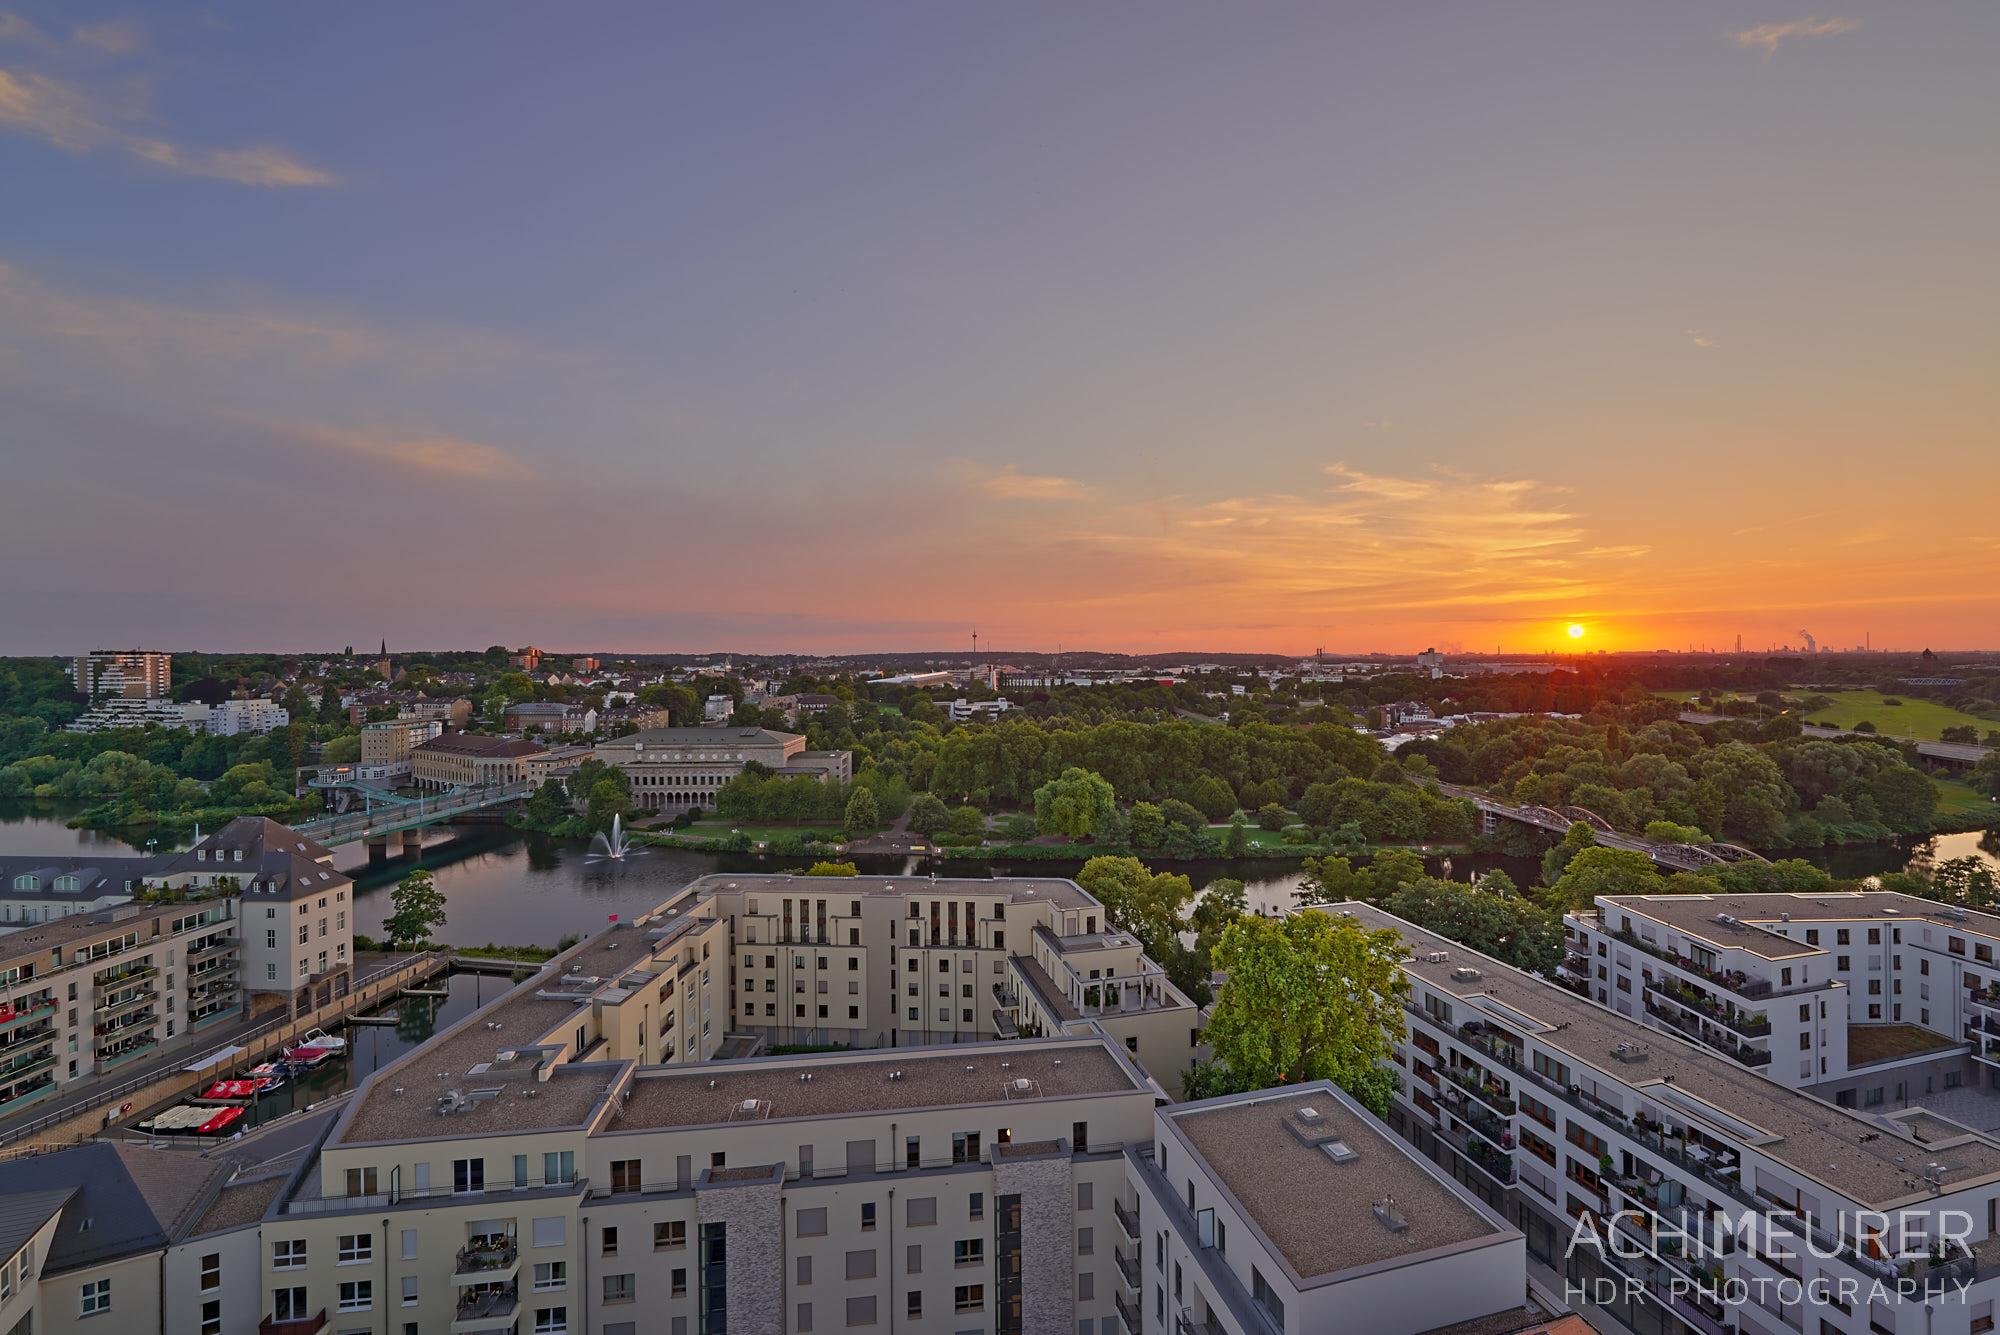 Sonnenuntergang - Impressionen aus Mülheim a.d. Ruhr, Ruhrgebiet , NRW by Array.